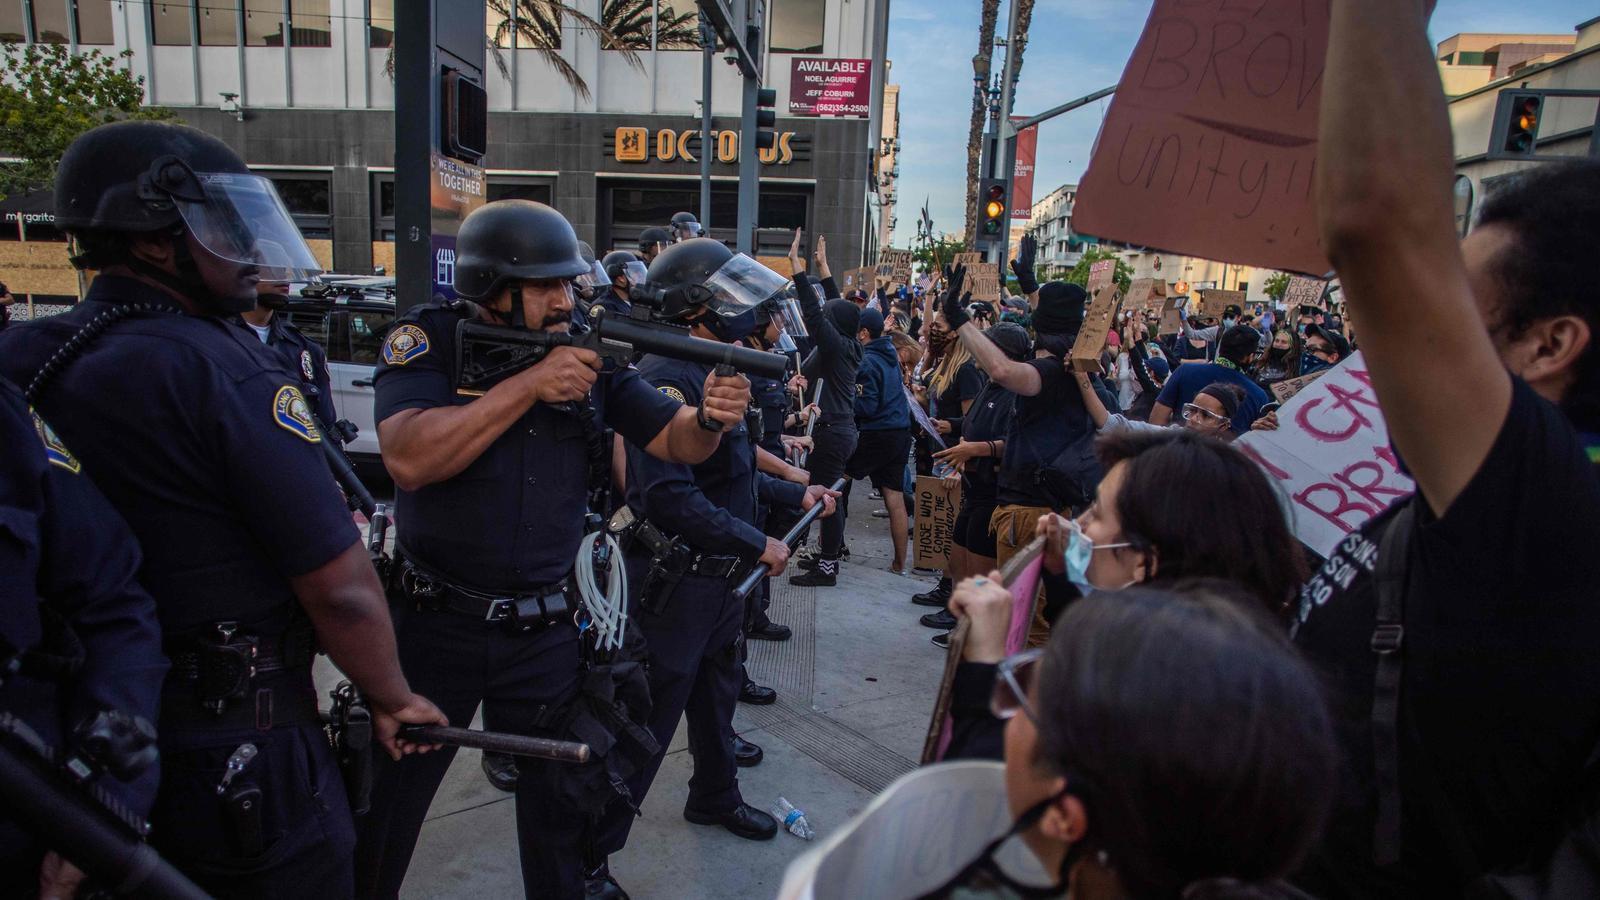 Trump recepta repressió per acabar amb les protestes contra la violència policial